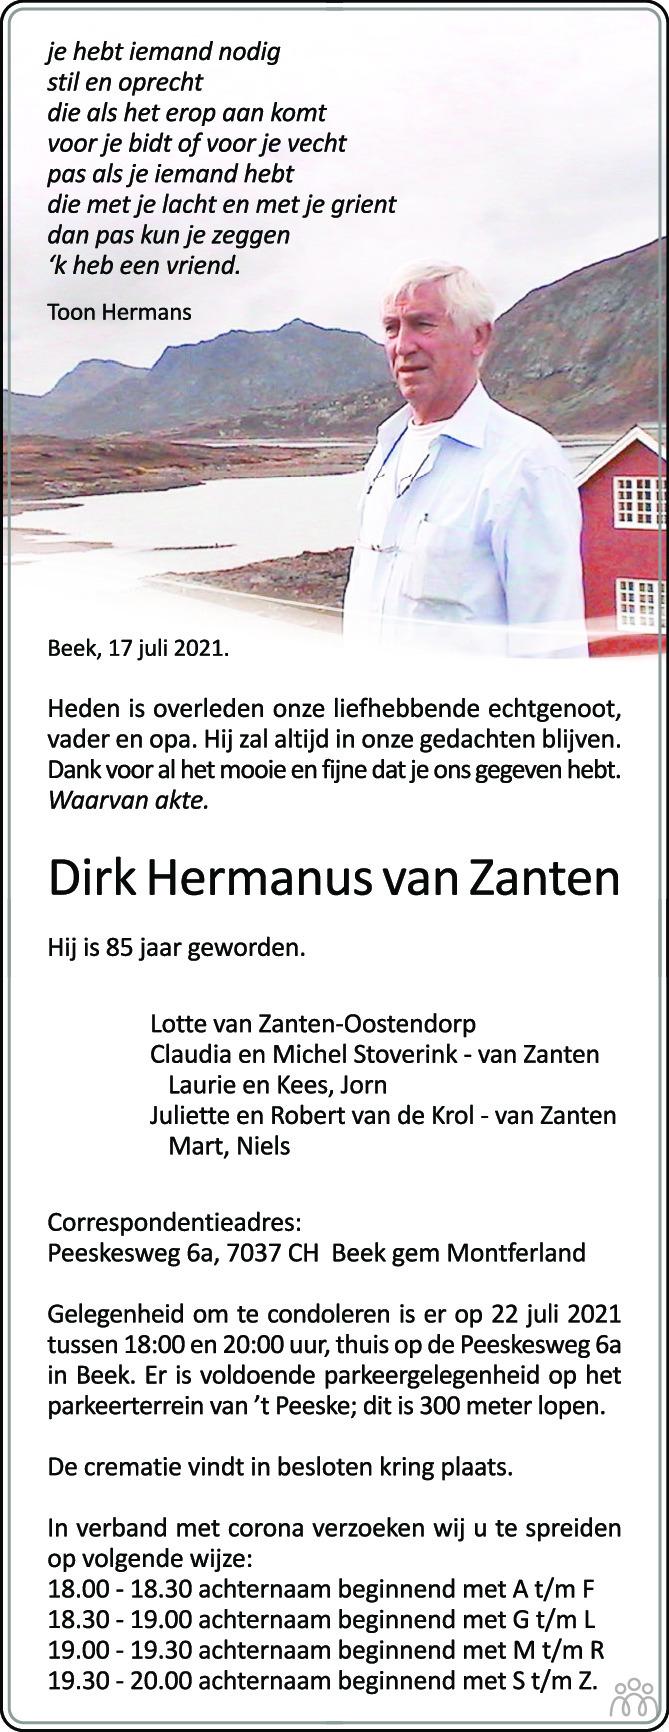 Overlijdensbericht van Dirk Hermanus van Zanten in de Gelderlander